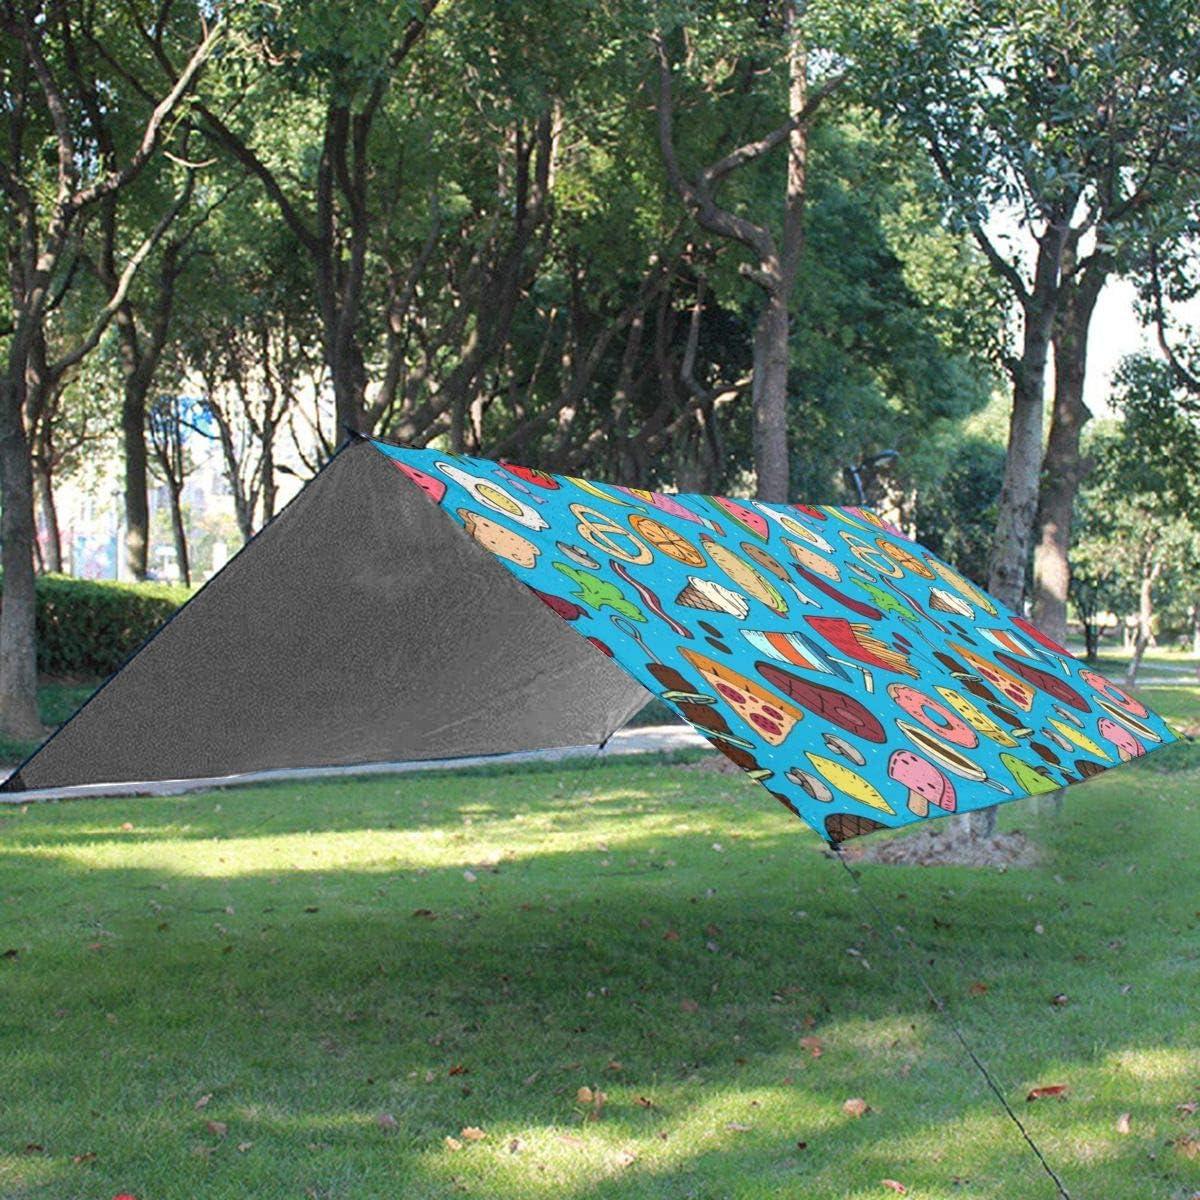 Txc9ds Star Butter-Fly - Tappetino da picnic all'aperto per parco, spiaggia, campeggio, portatile, impermeabile Ciambella